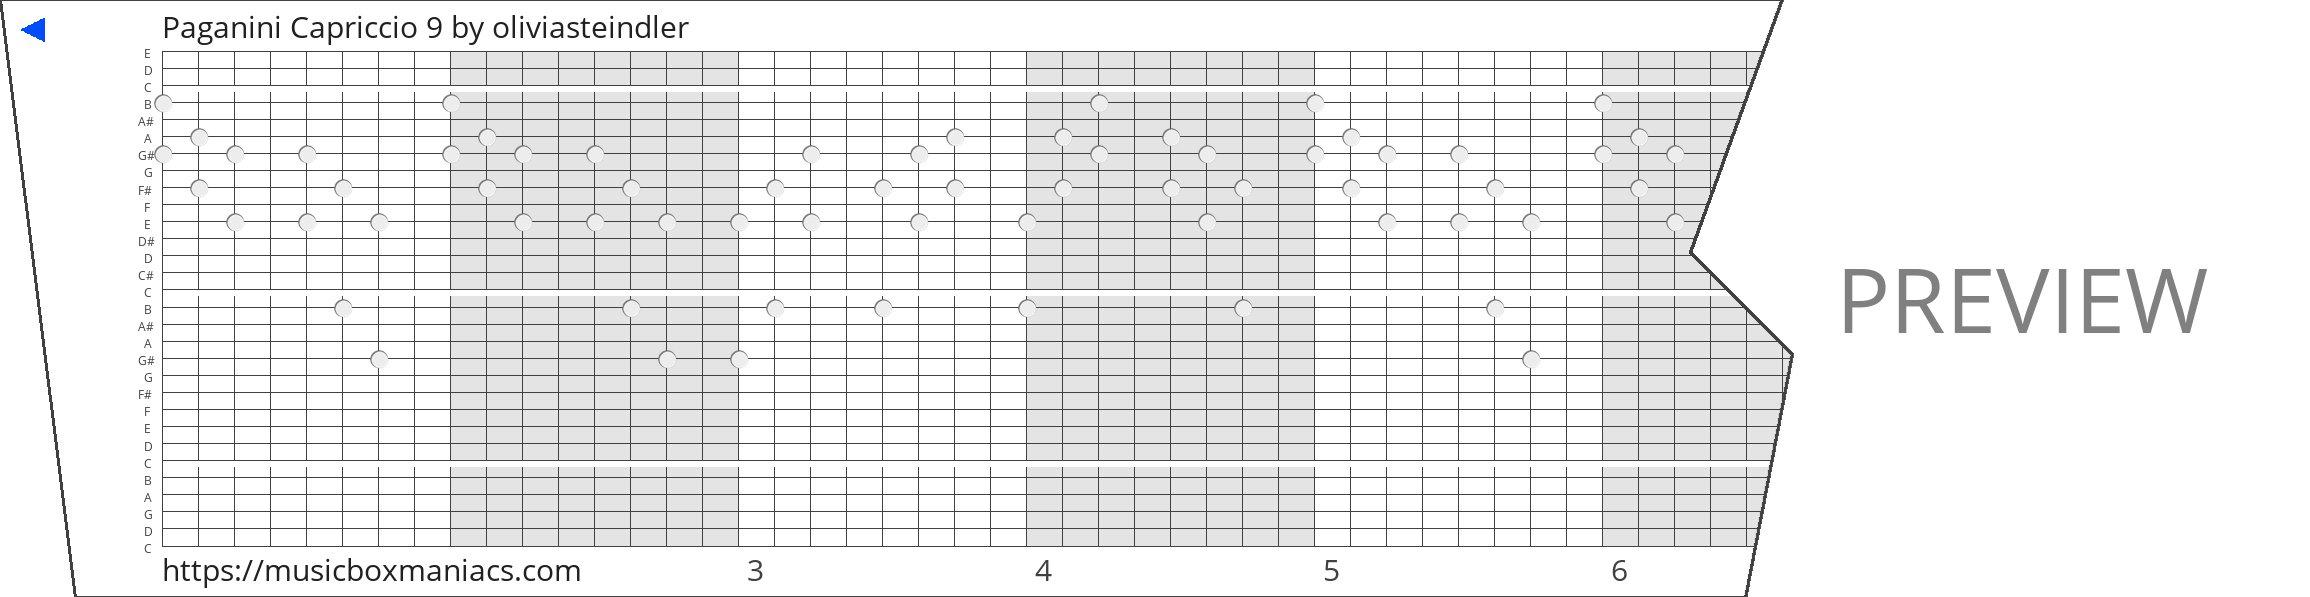 Paganini Capriccio 9 30 note music box paper strip